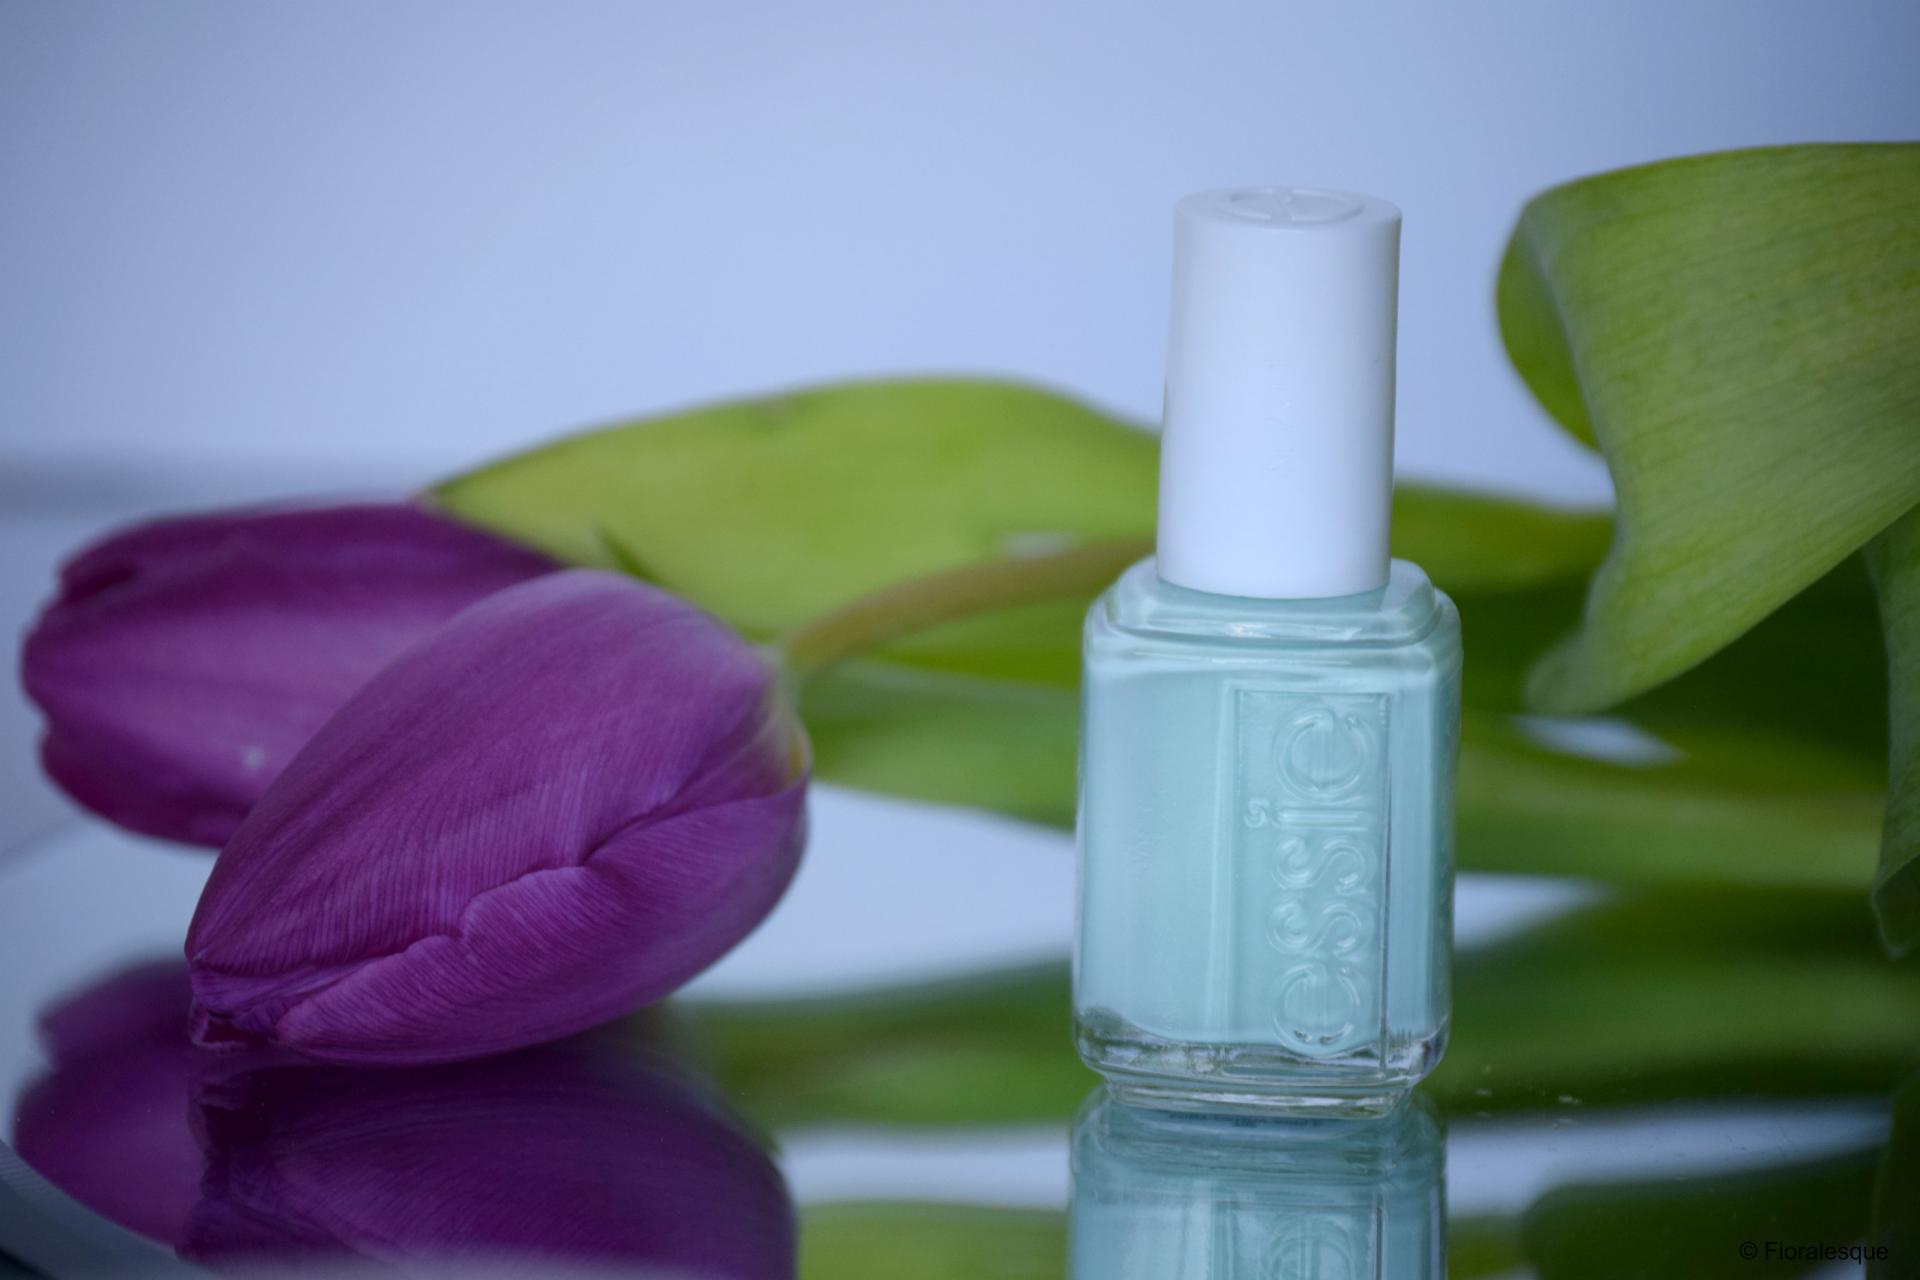 Tili QVC Third Beauty Box Review